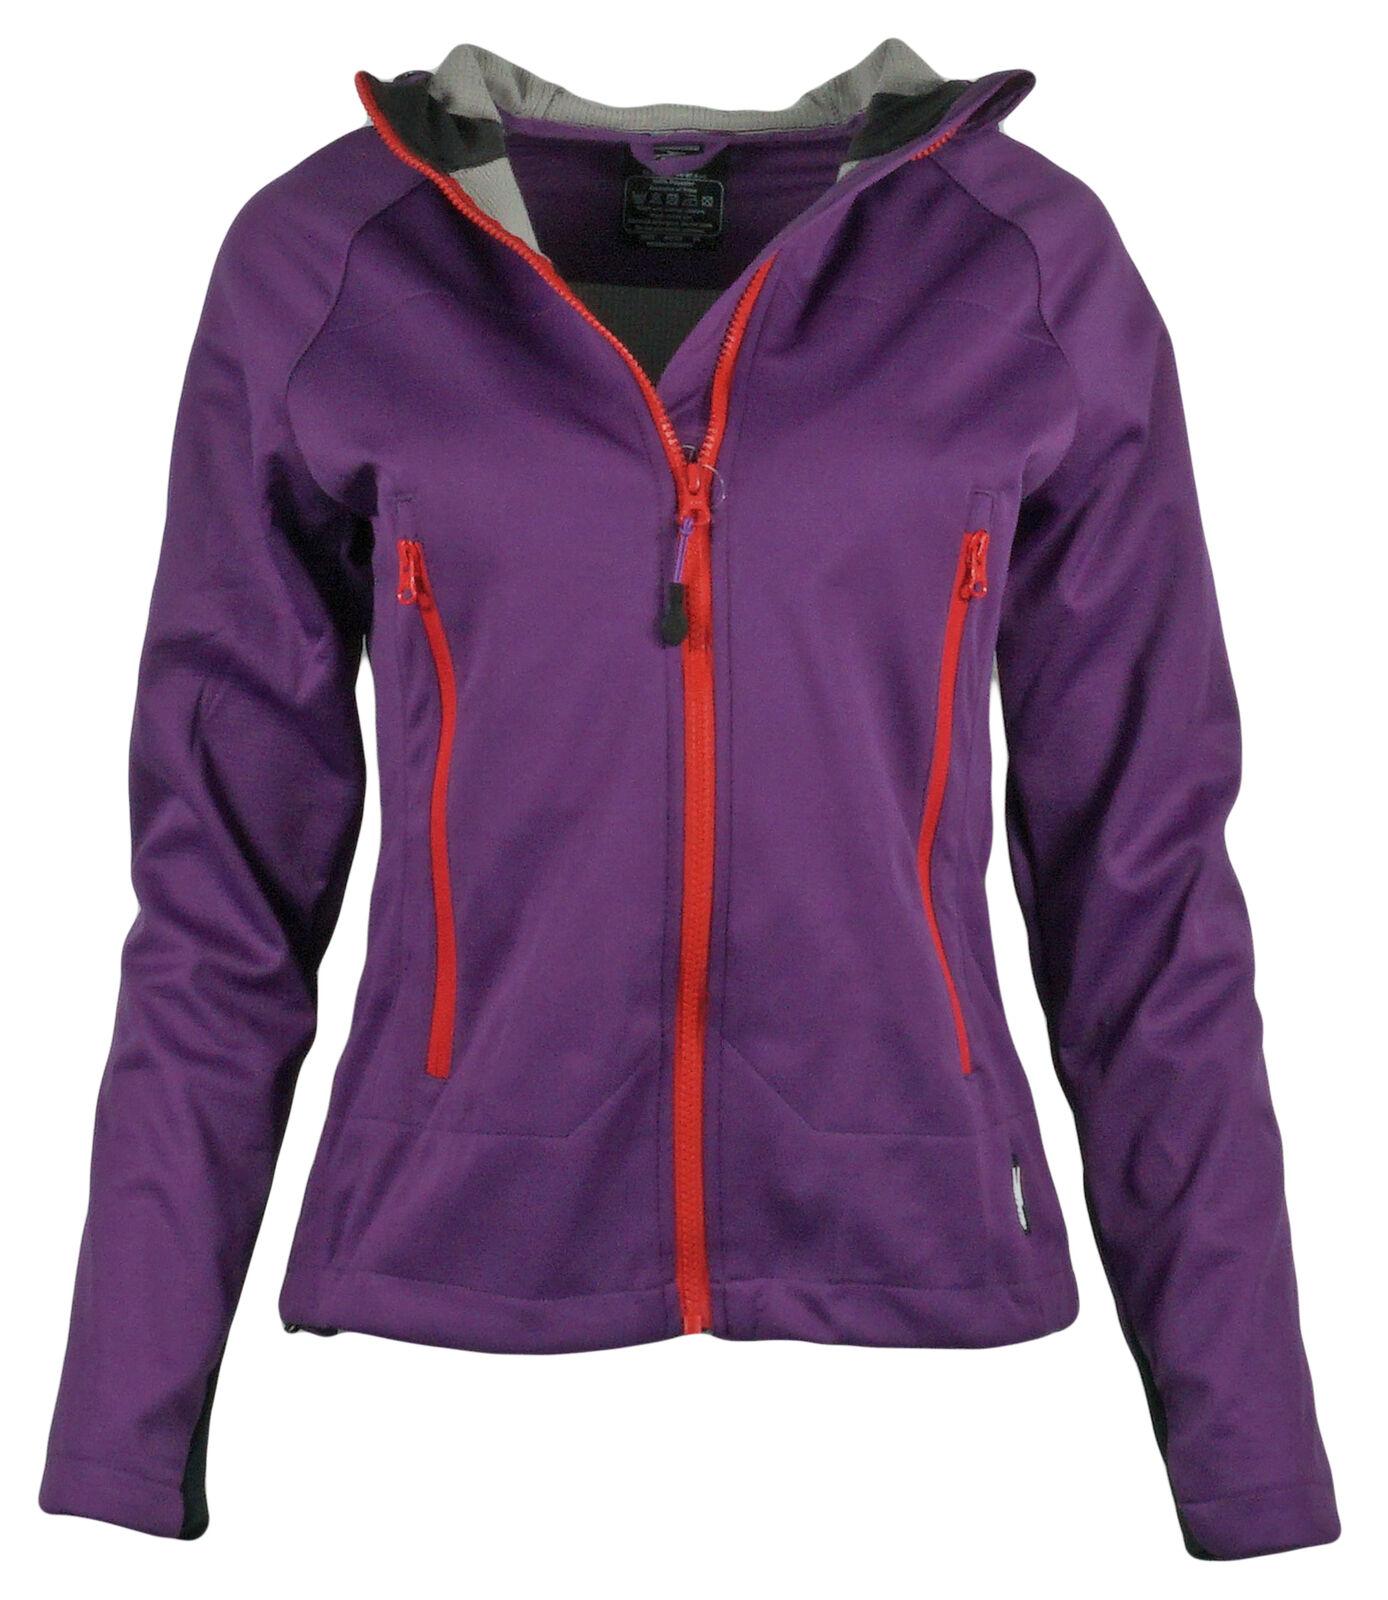 Damen Softshell Jacke mit Kapuze wasserabweisend Fitness outdoor Sport